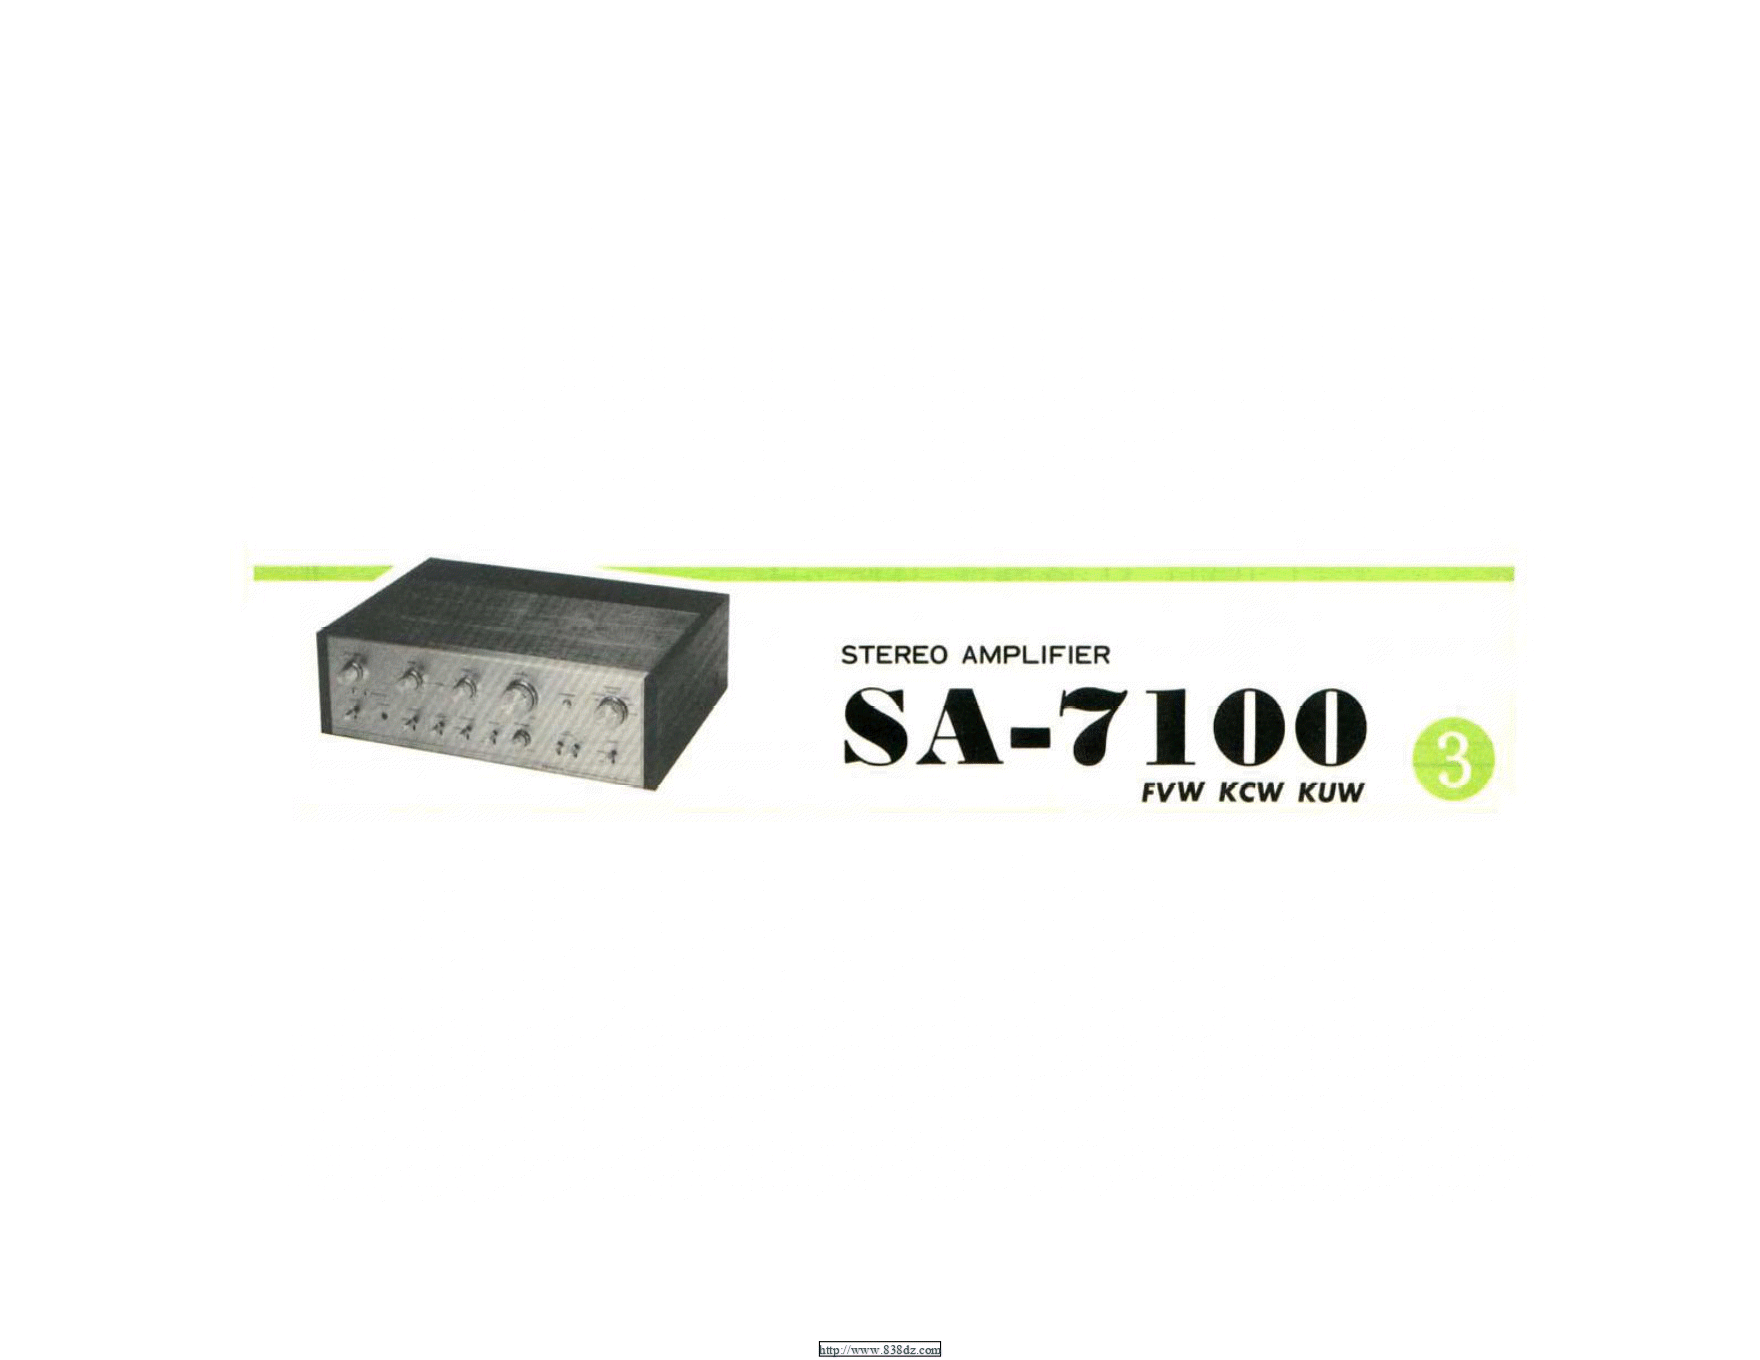 pioneer先锋 SA-7100功放维修手册